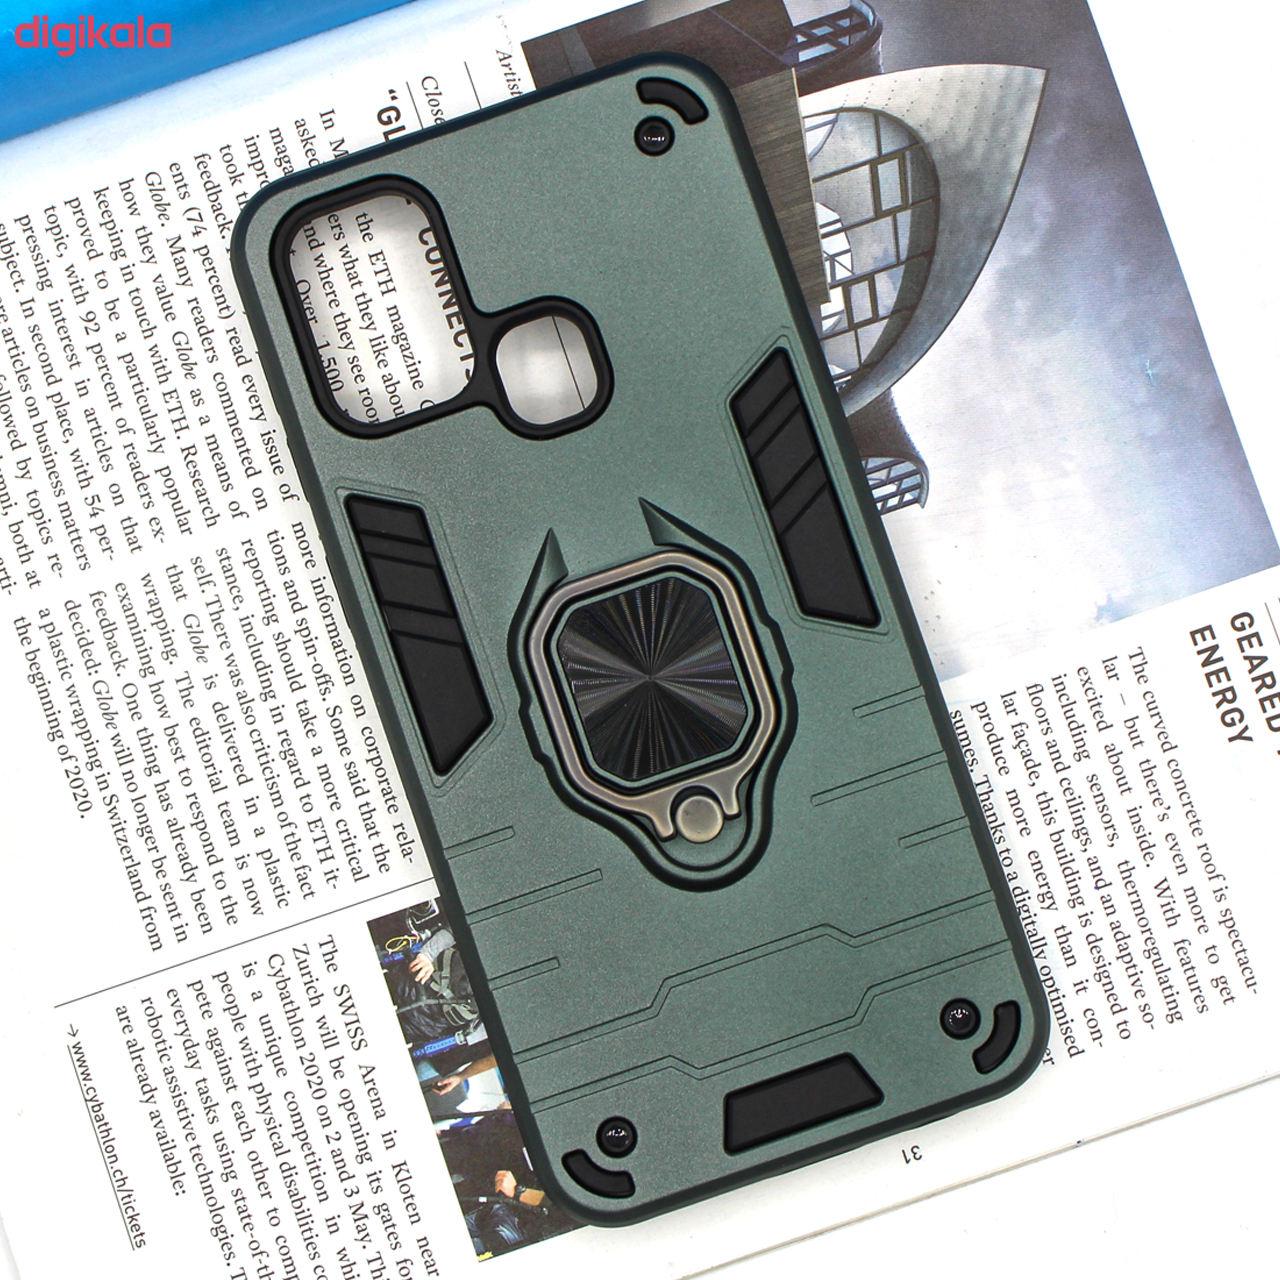 کاور کینگ پاور مدل ASH22 مناسب برای گوشی موبایل سامسونگ Galaxy M31 main 1 6